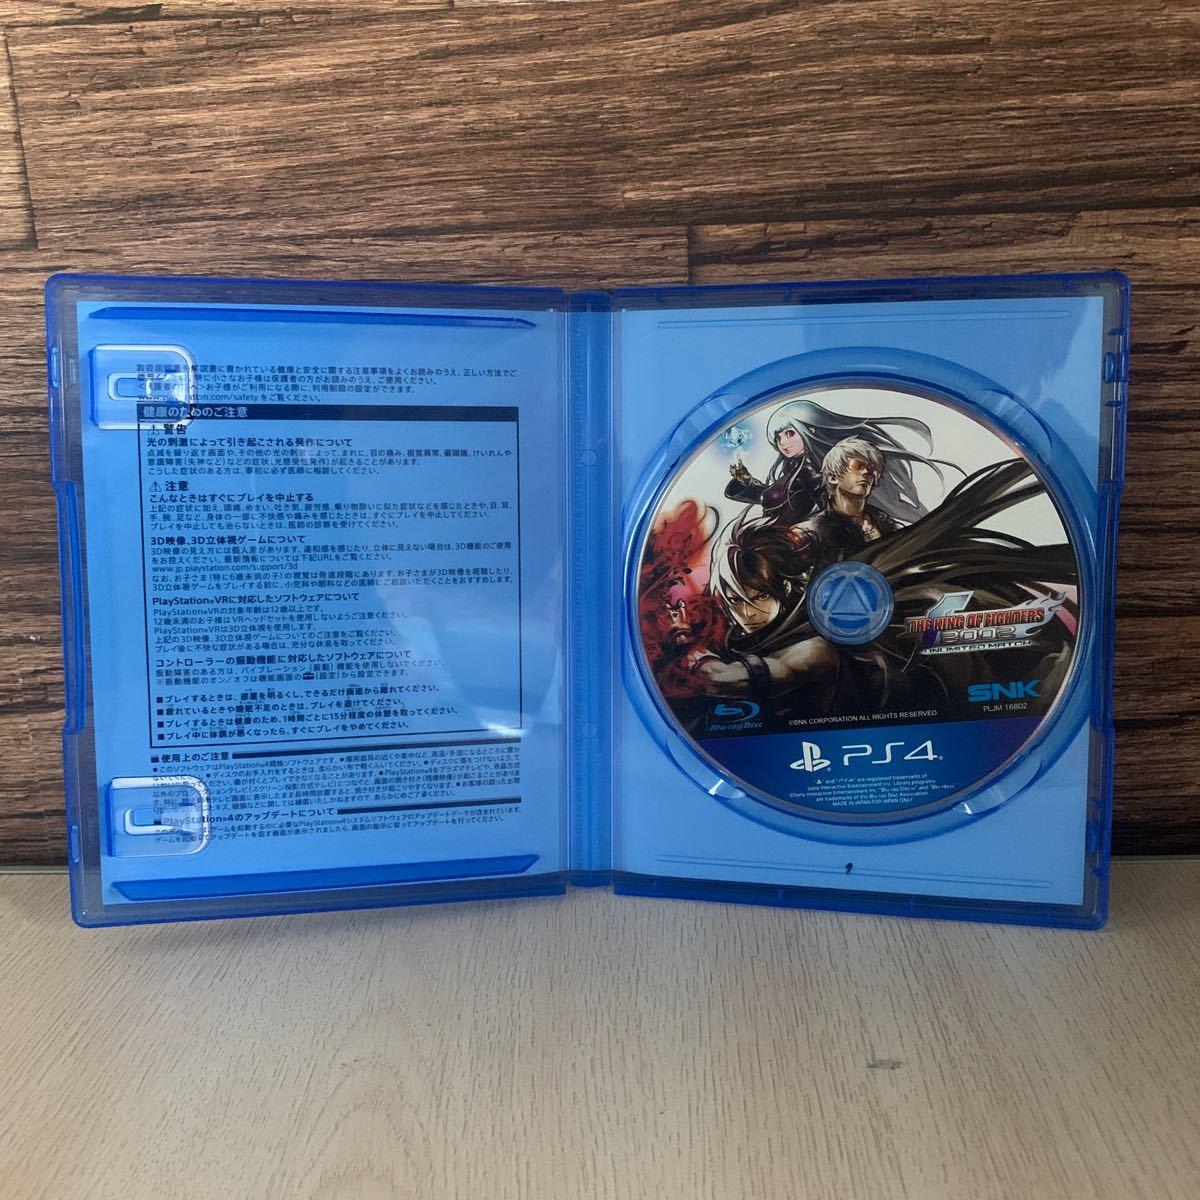 ps4 kof2002um 、PS4/PS3/PC用 リアルアーケードPro.V HAYABUSA セット